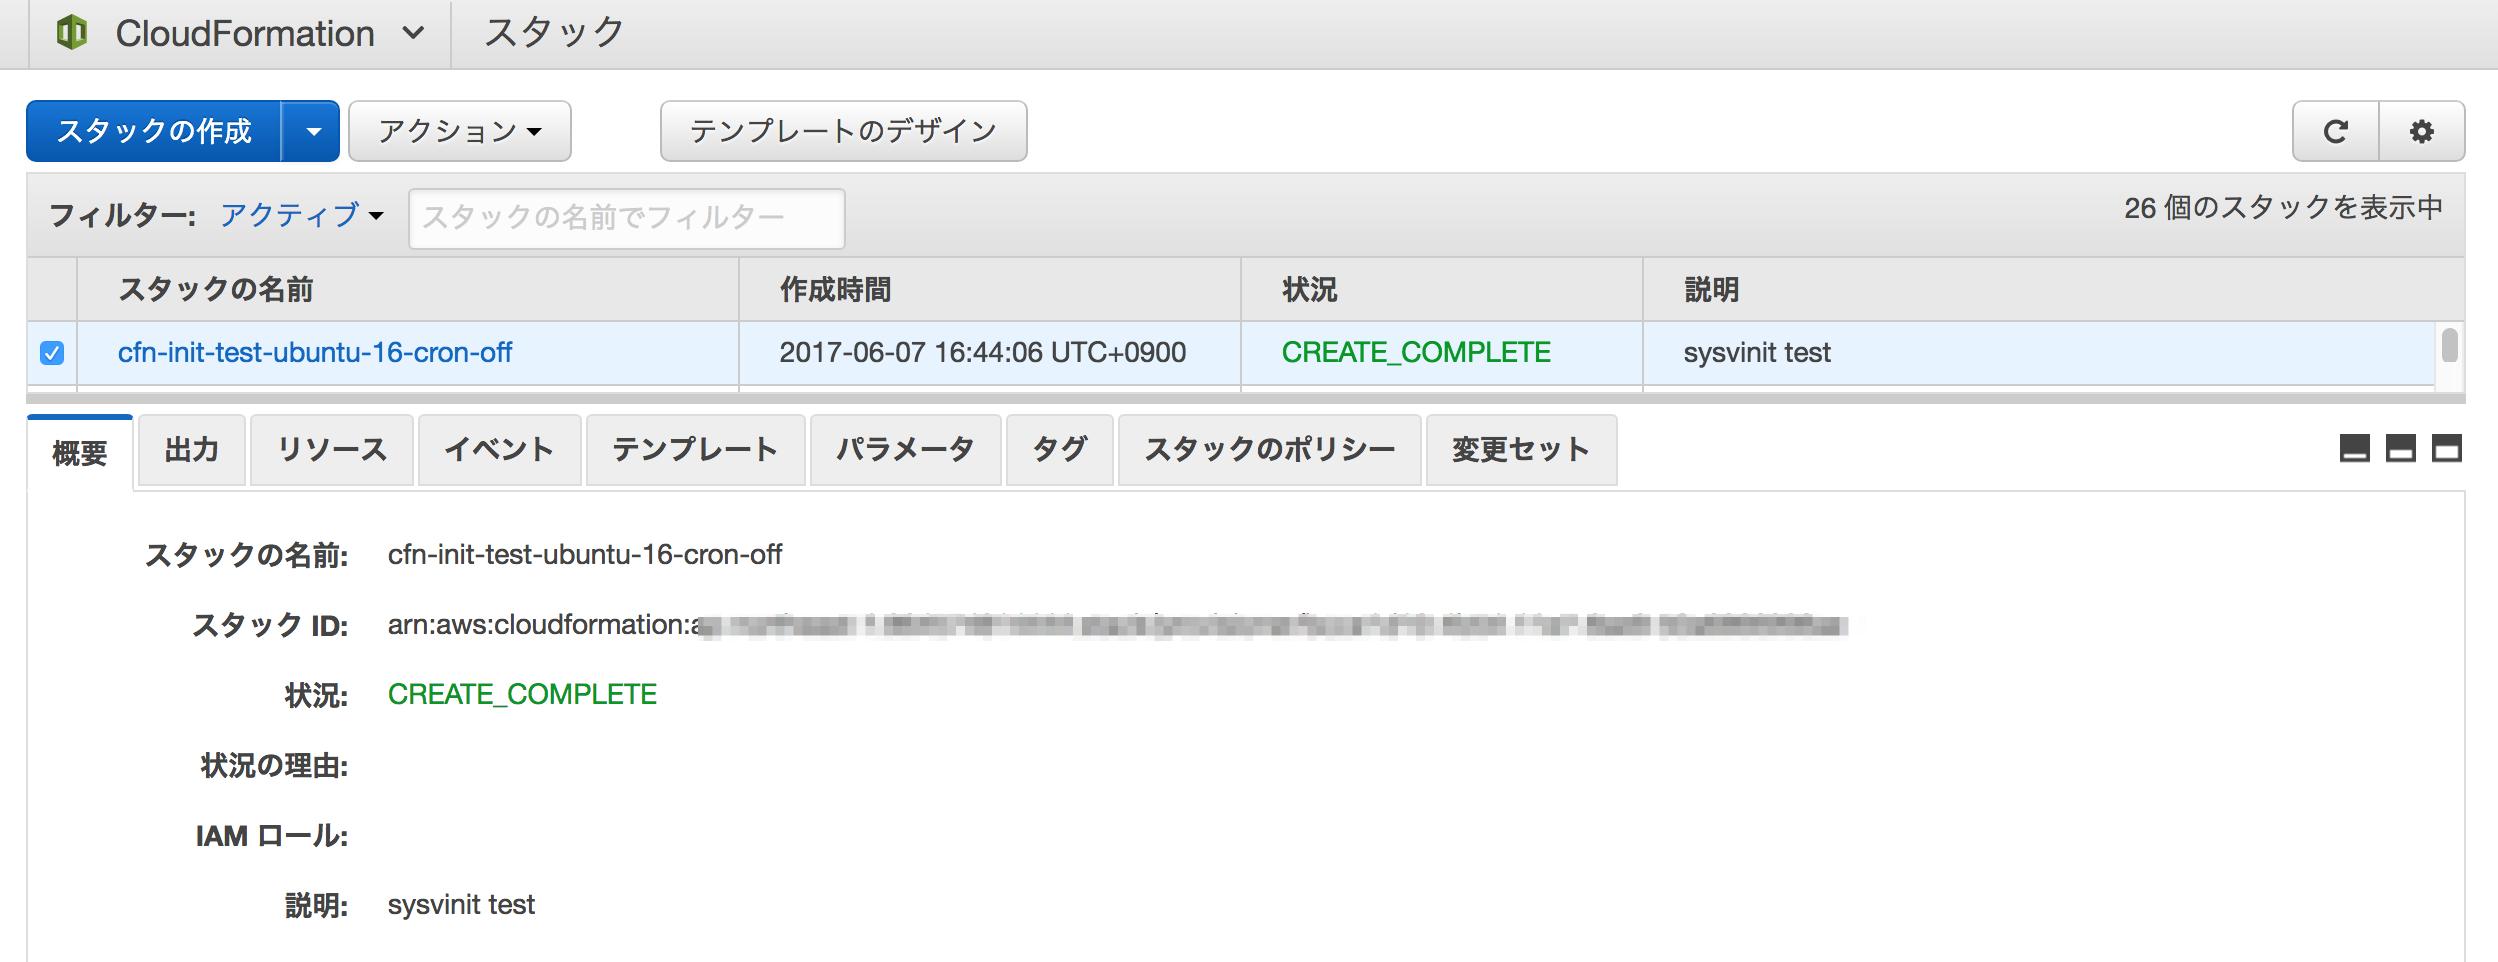 cloudformation_